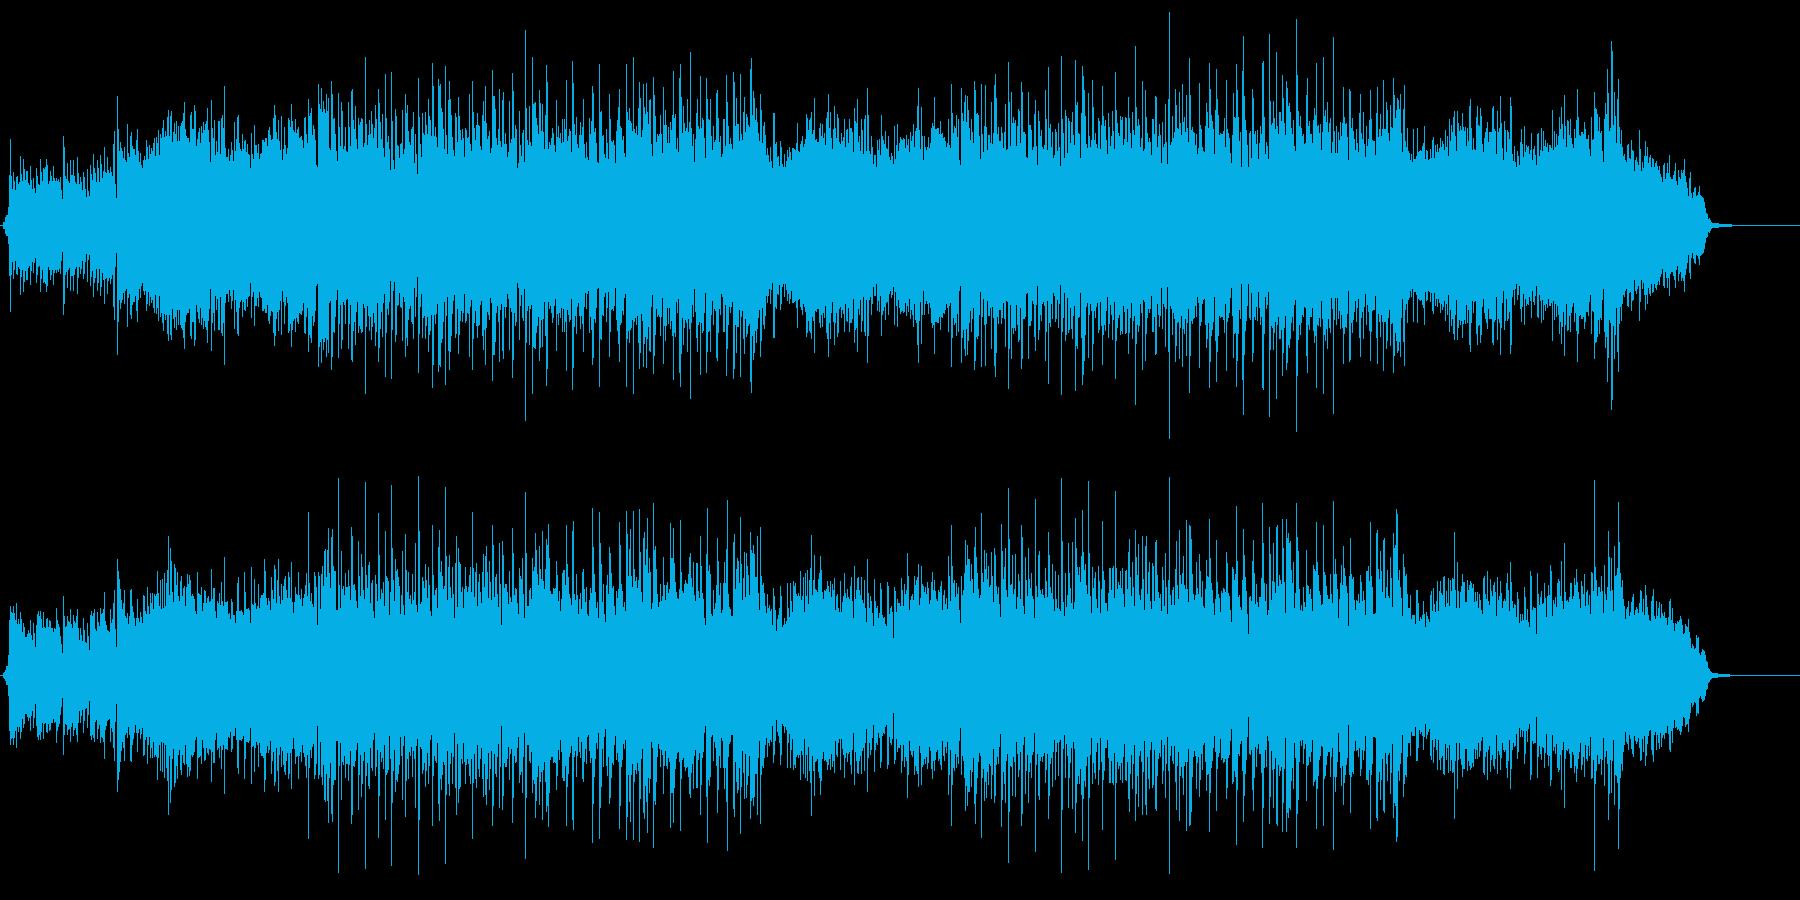 伸びやかで前向きな弦楽合奏ポップスの再生済みの波形